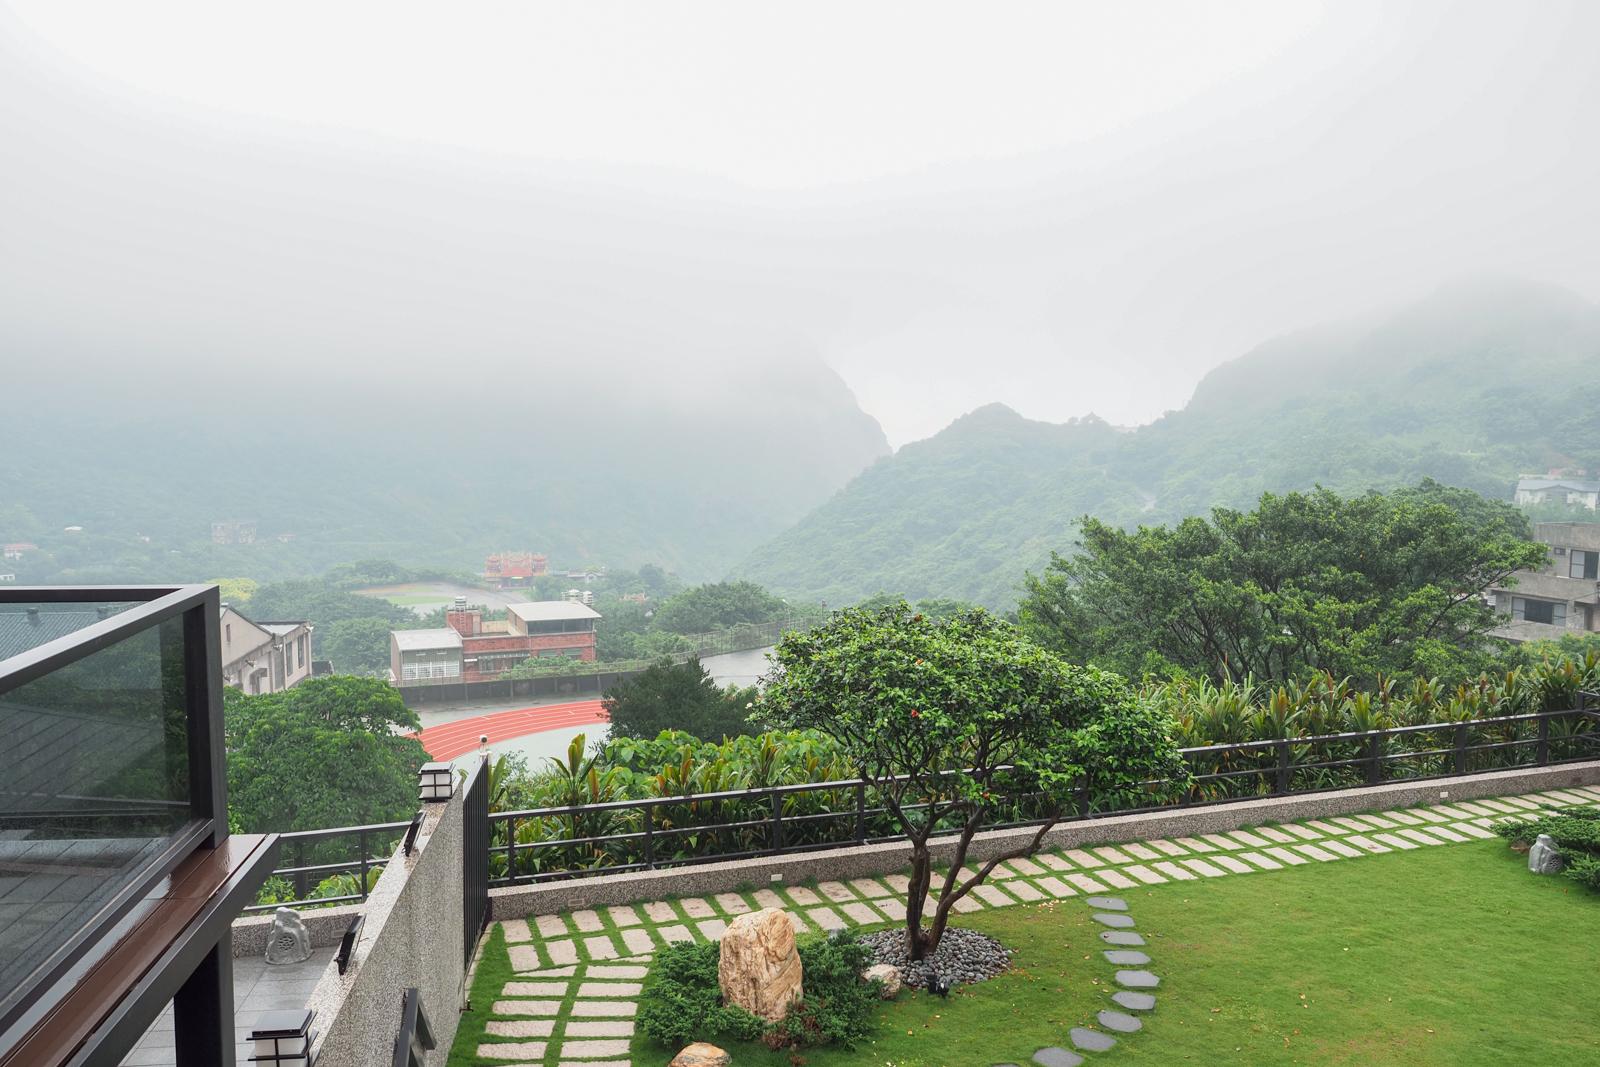 【金瓜石住宿】金漫會館 九份與金瓜石地區最日式高級民宿 還有SPA池邊泡邊看山嵐